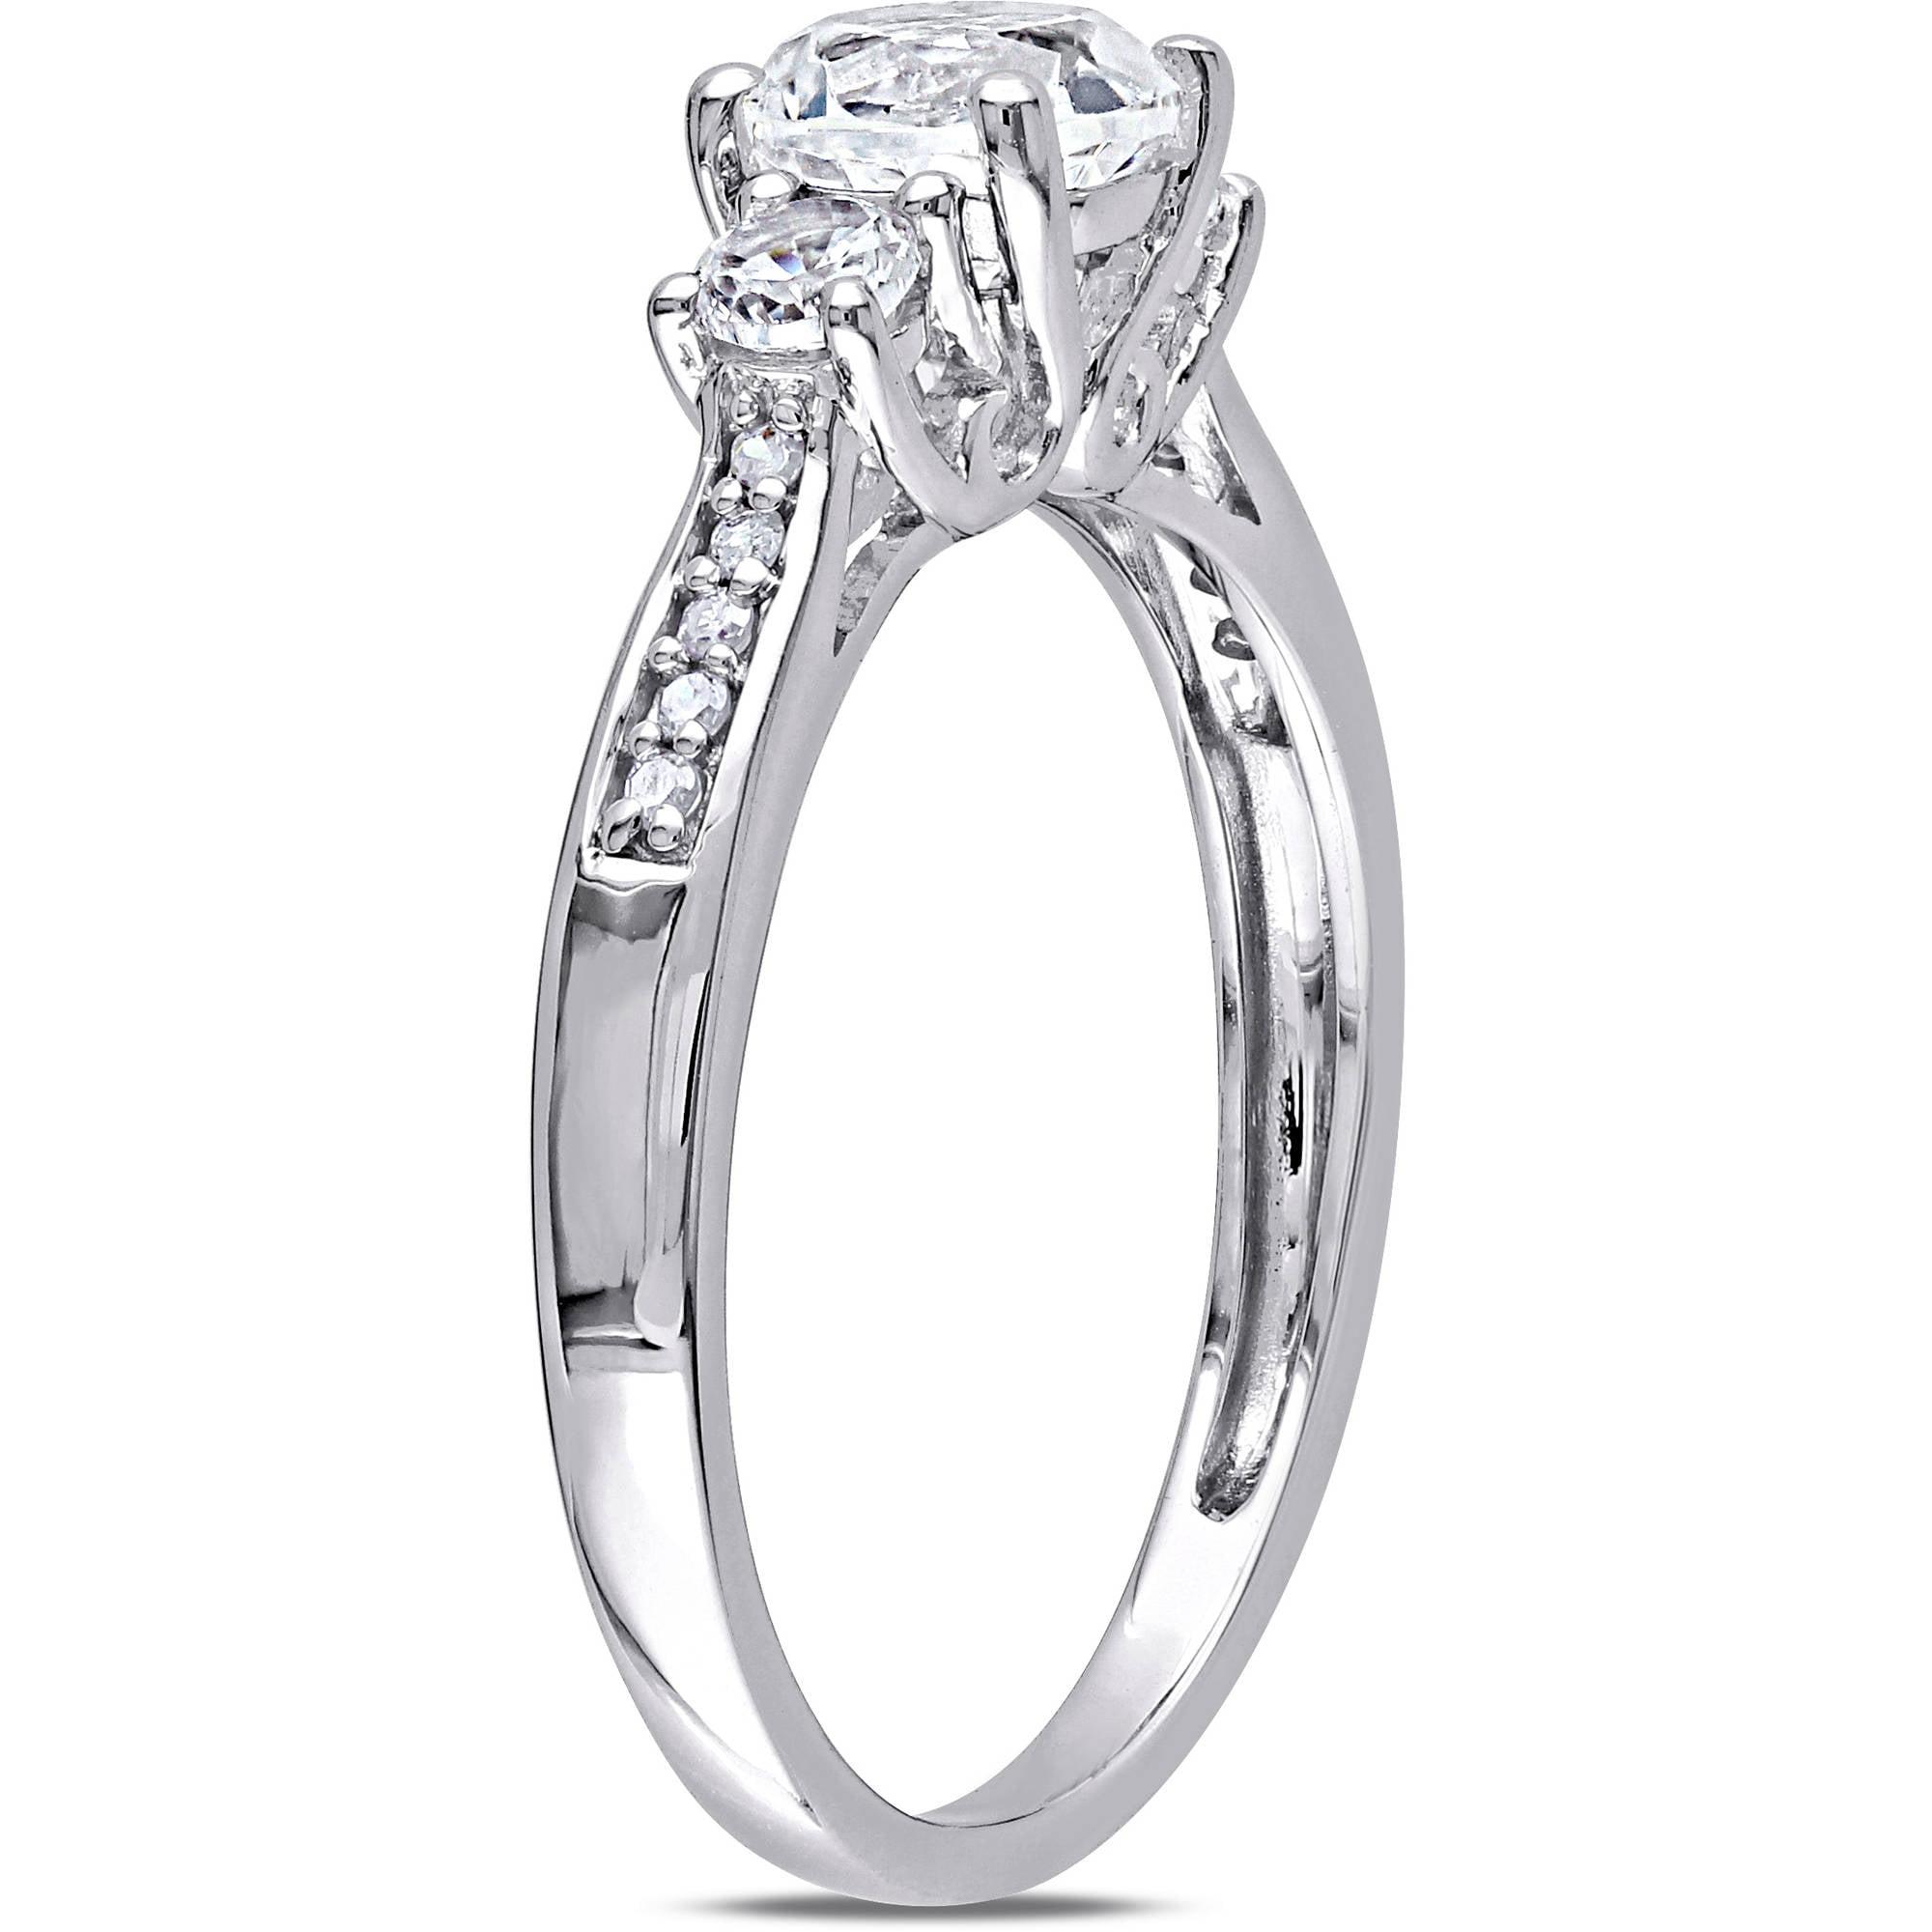 Miabella 1 1 3 Carat T G W Created White Sapphire and Diamond